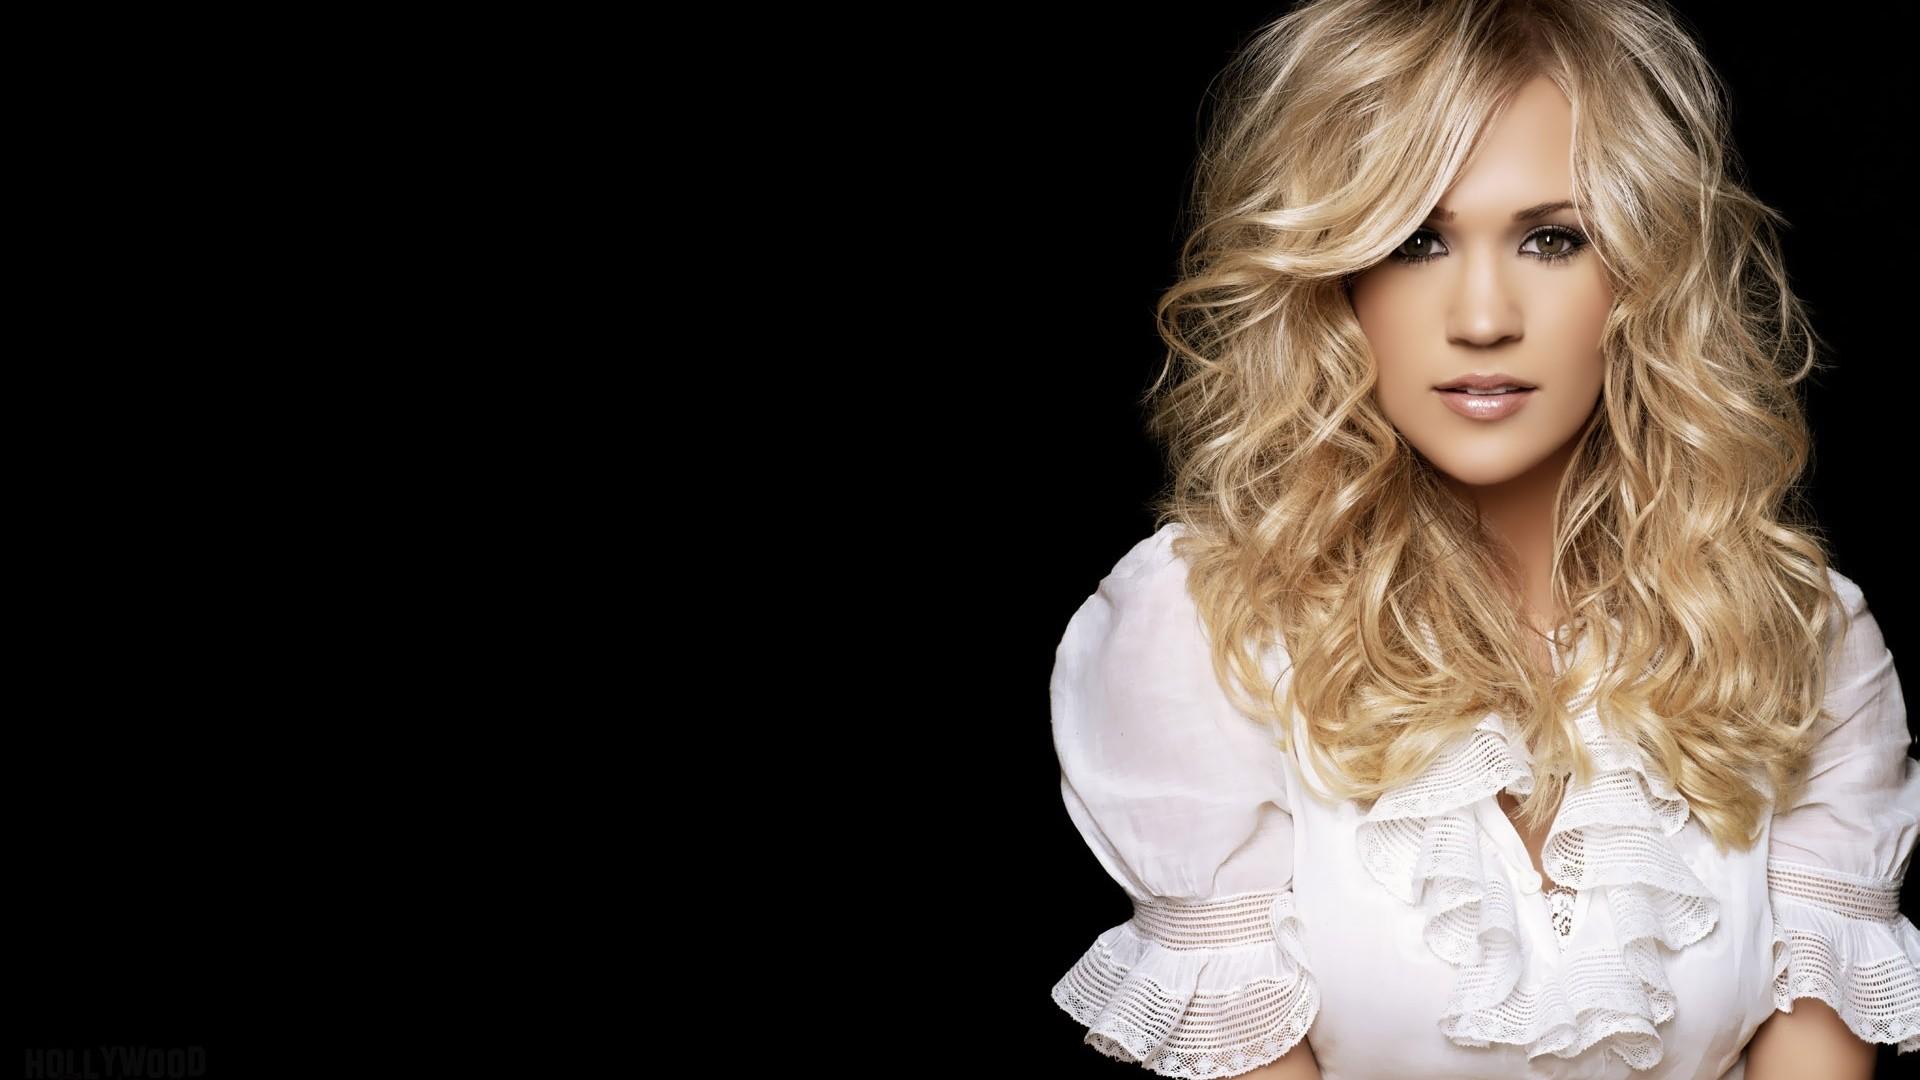 Carrie Underwood Good Wallpaper